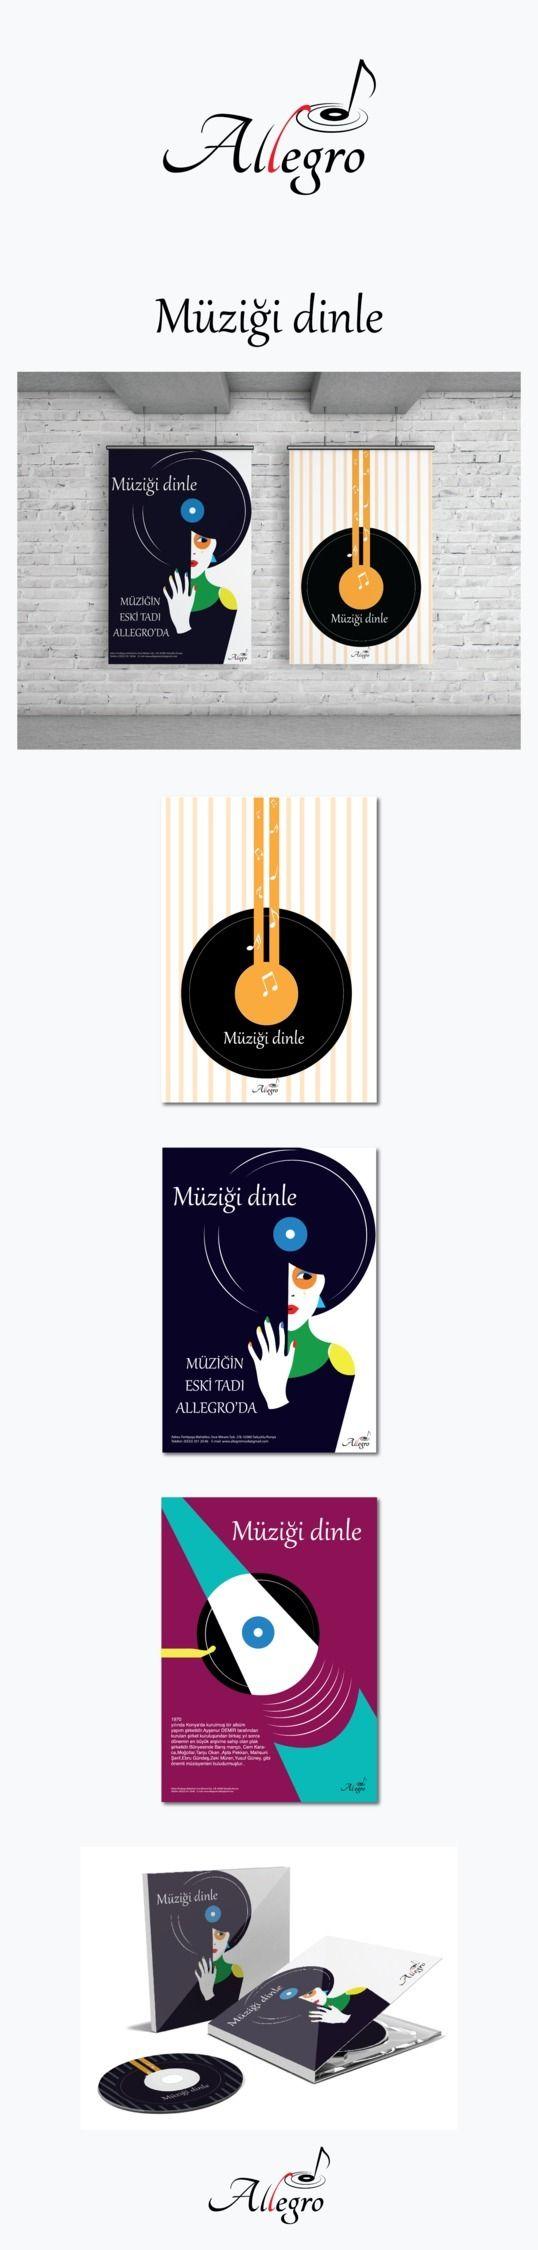 Müzik Şirketi logosu ve afiş ça - aysenurdmr | ello